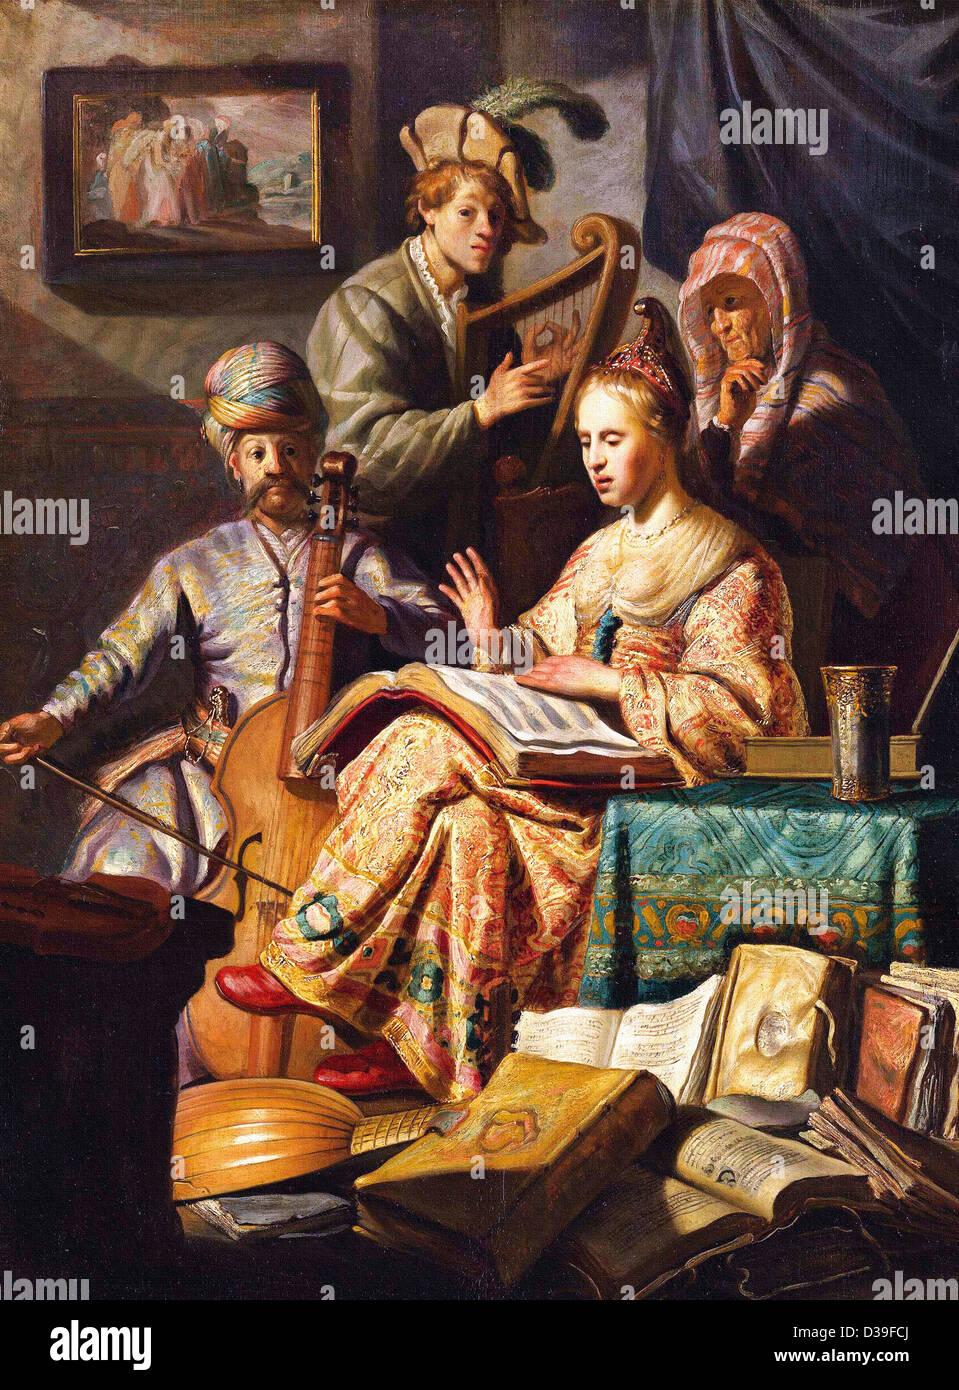 Rembrandt van Rijn, Musical Allegory. 1626 Oil on panel. Baroque. Gallery: Rijksmuseum Amsterdam. - Stock Image